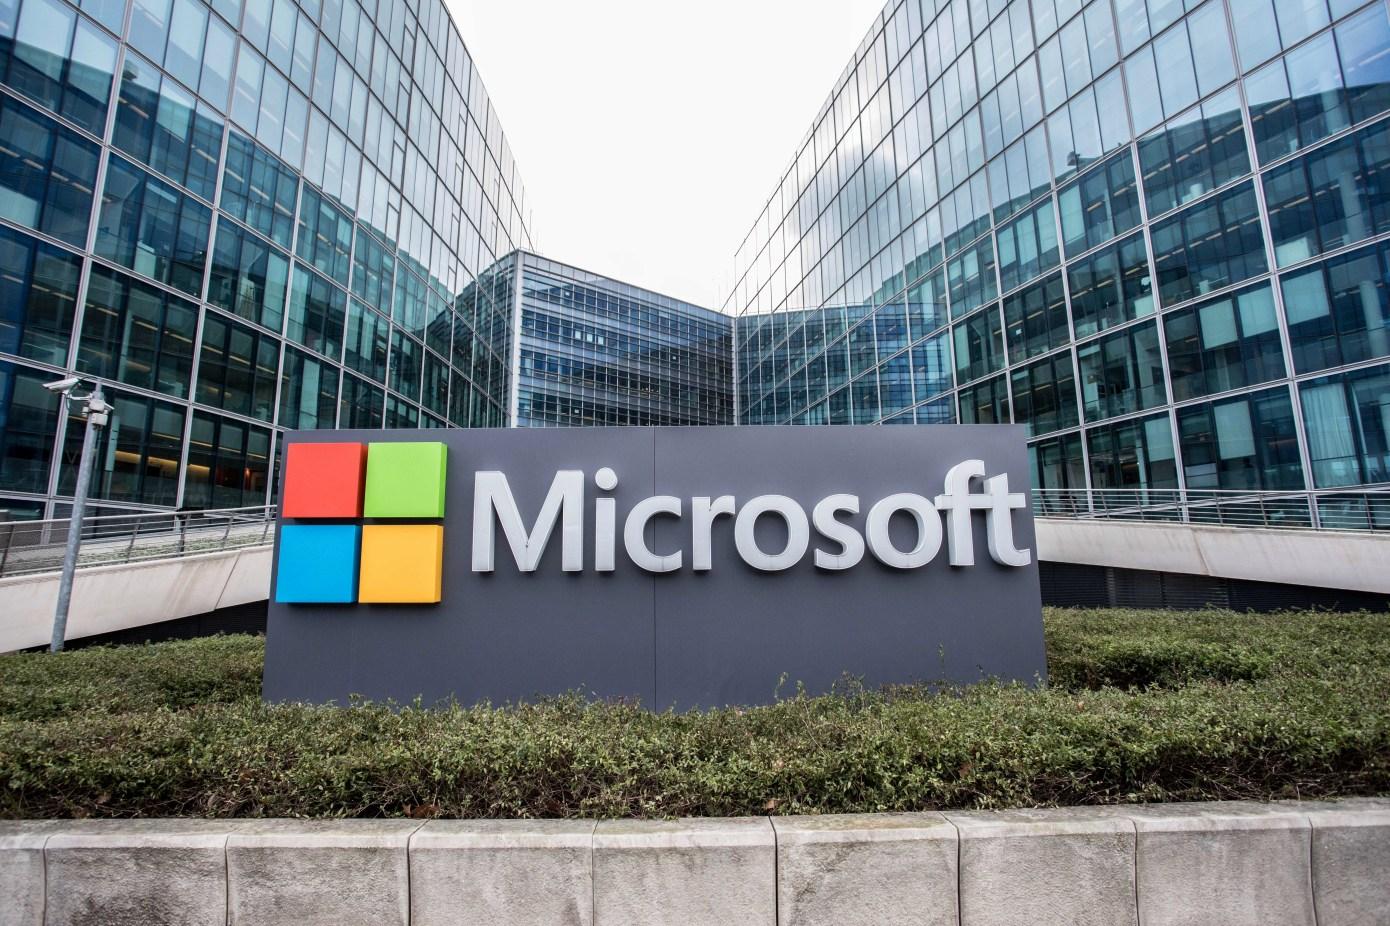 Microsoft Translator يُحسن الترجمة دون اتصال باستخدام الذكاء الاصطناعي